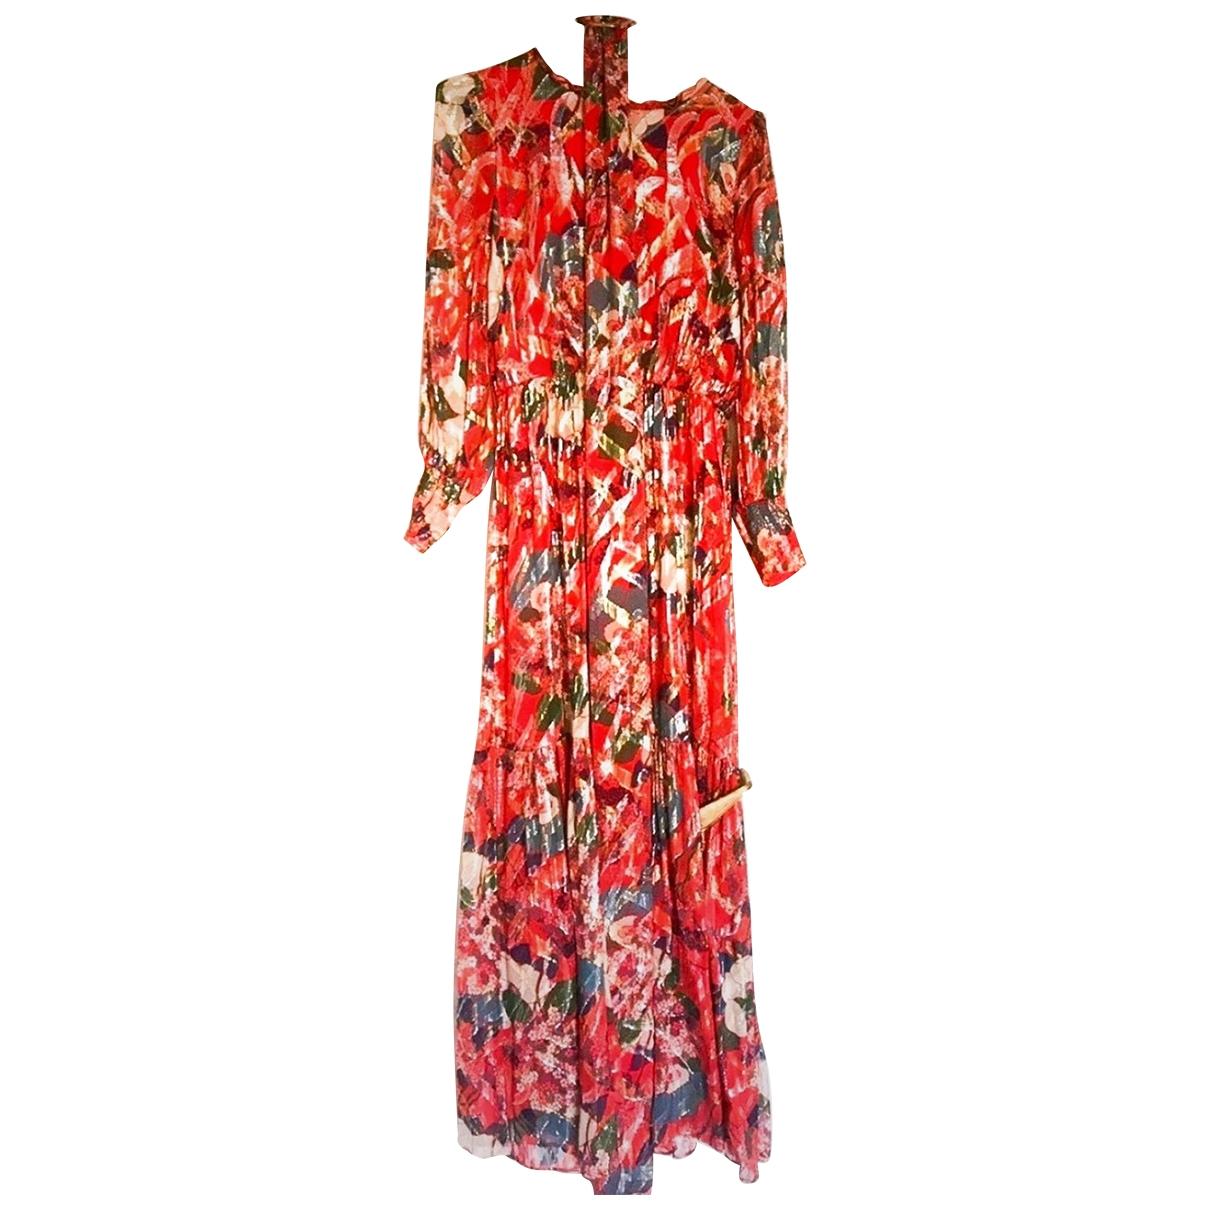 Ba&sh - Robe Spring Summer 2020 pour femme en soie - multicolore